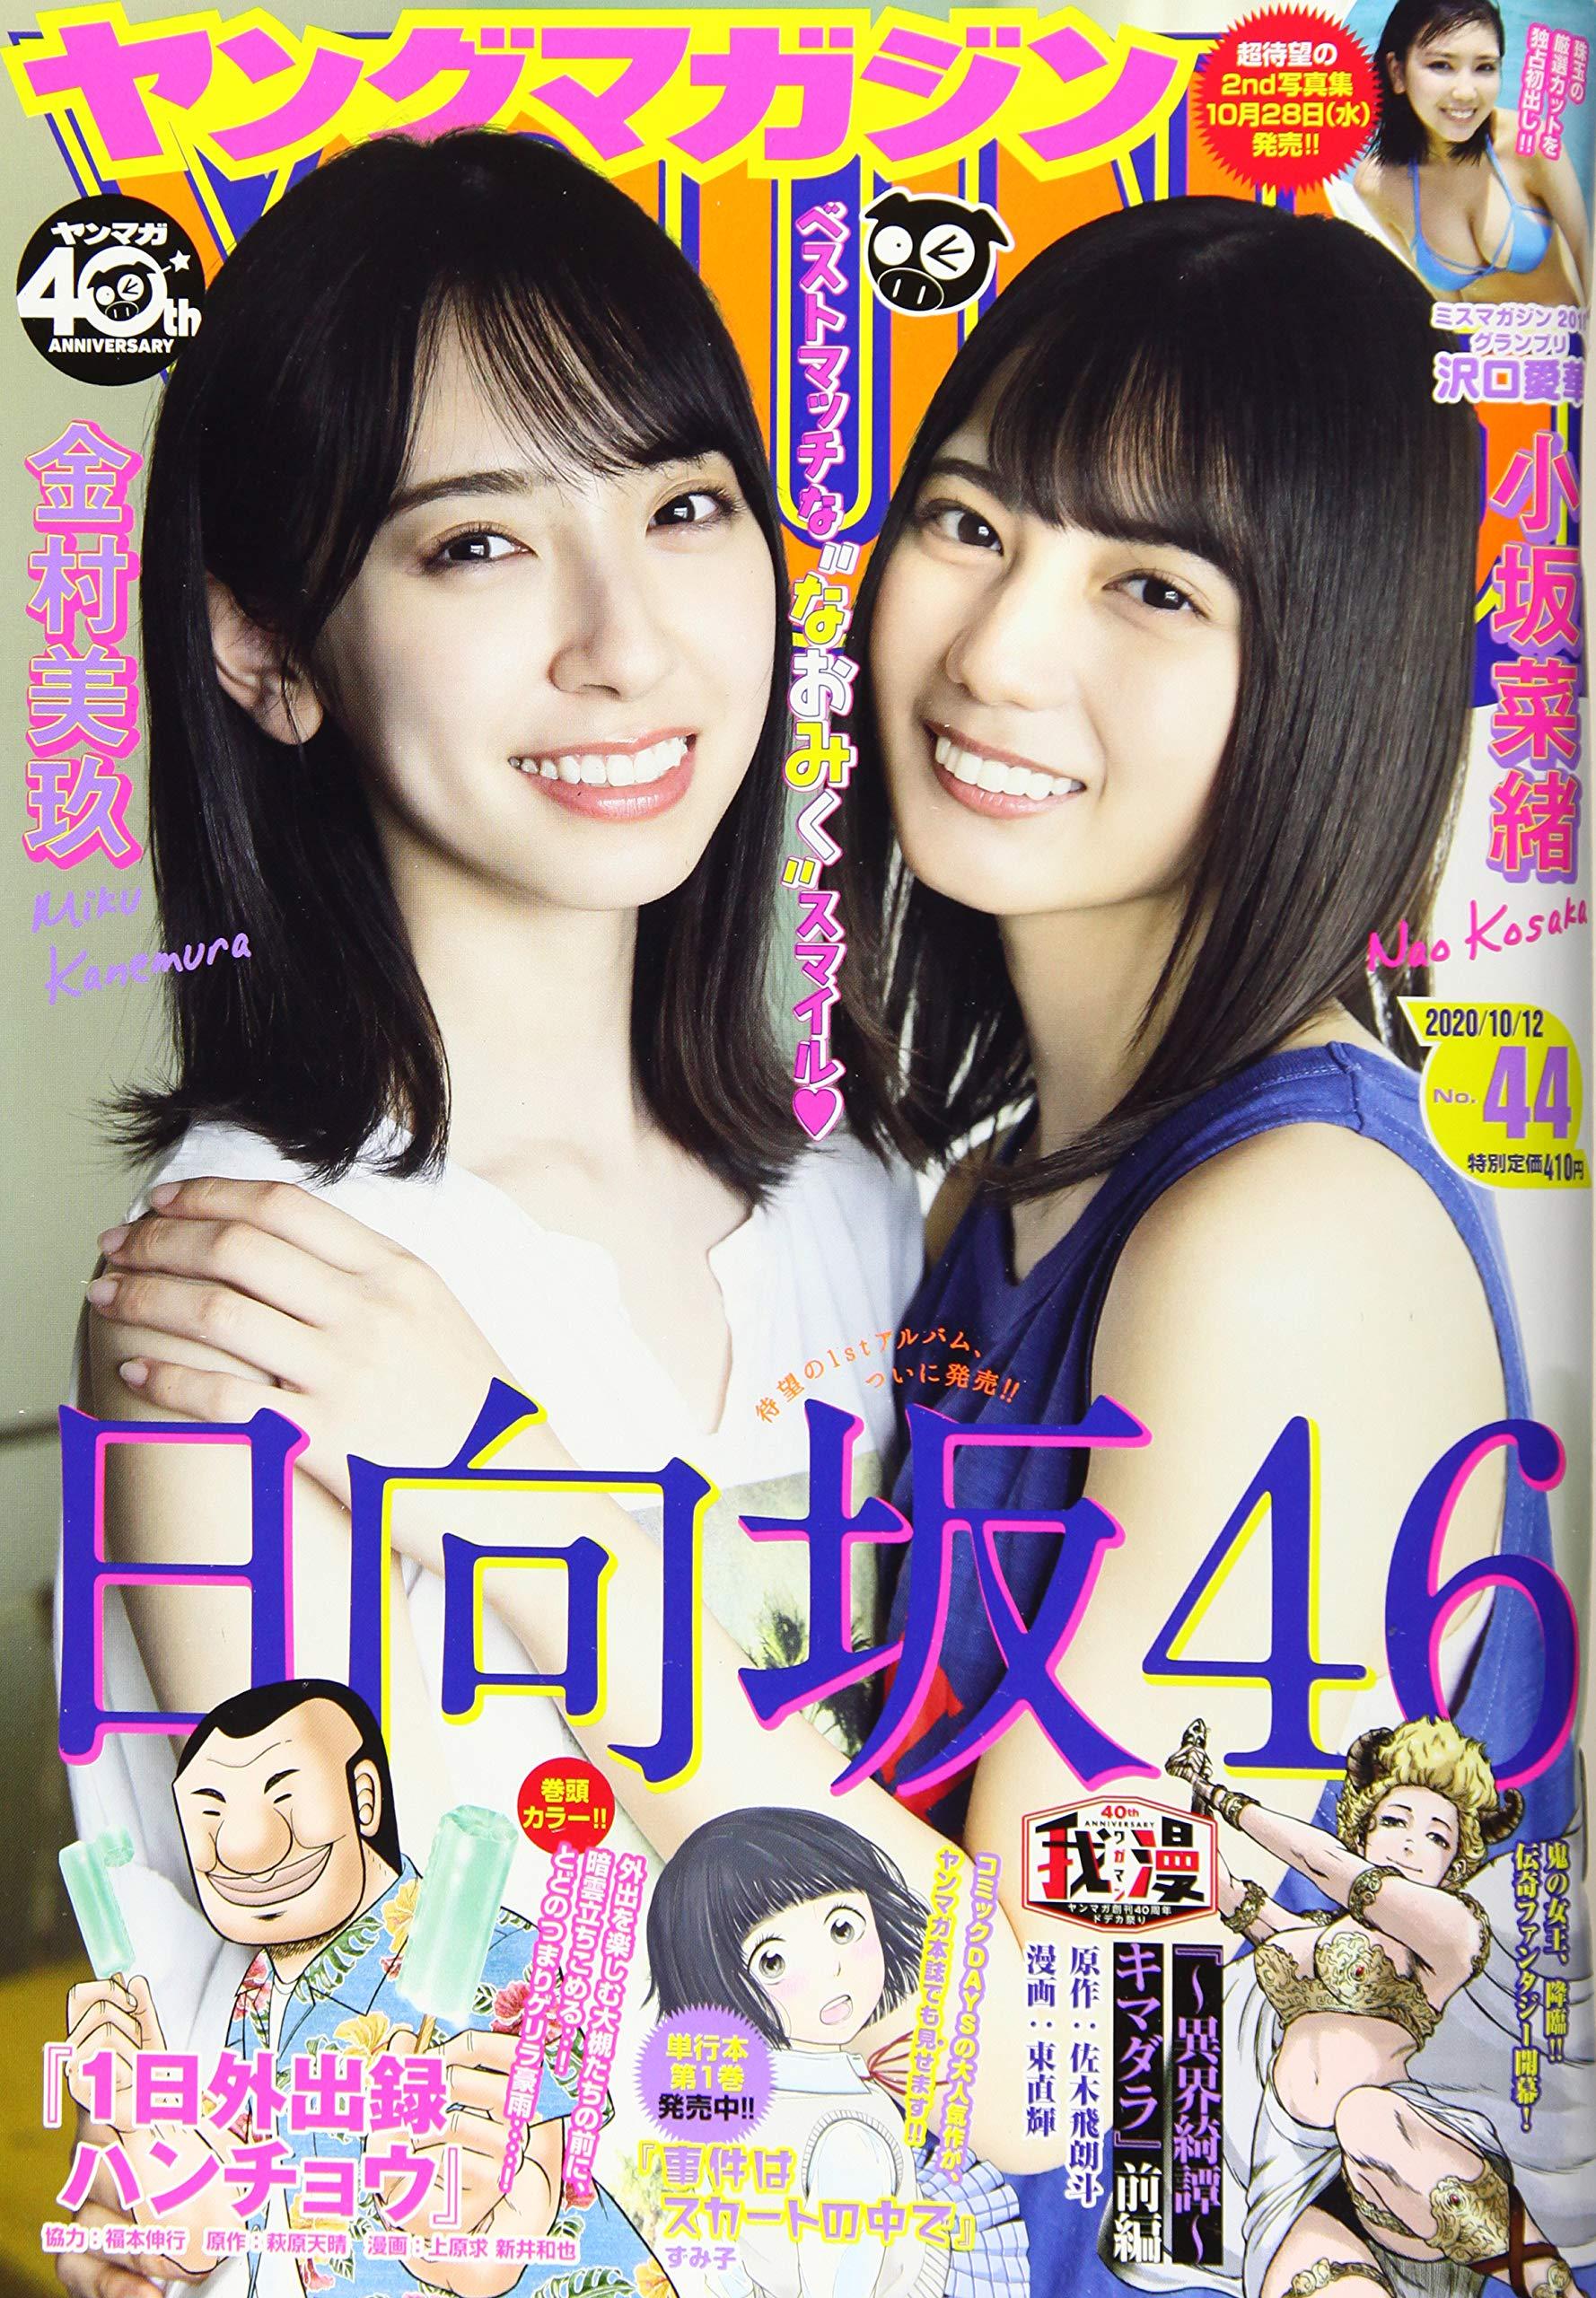 ヤングマガジン 2020年10月12日号 44号 日向坂46 小坂菜緒 金村美玖